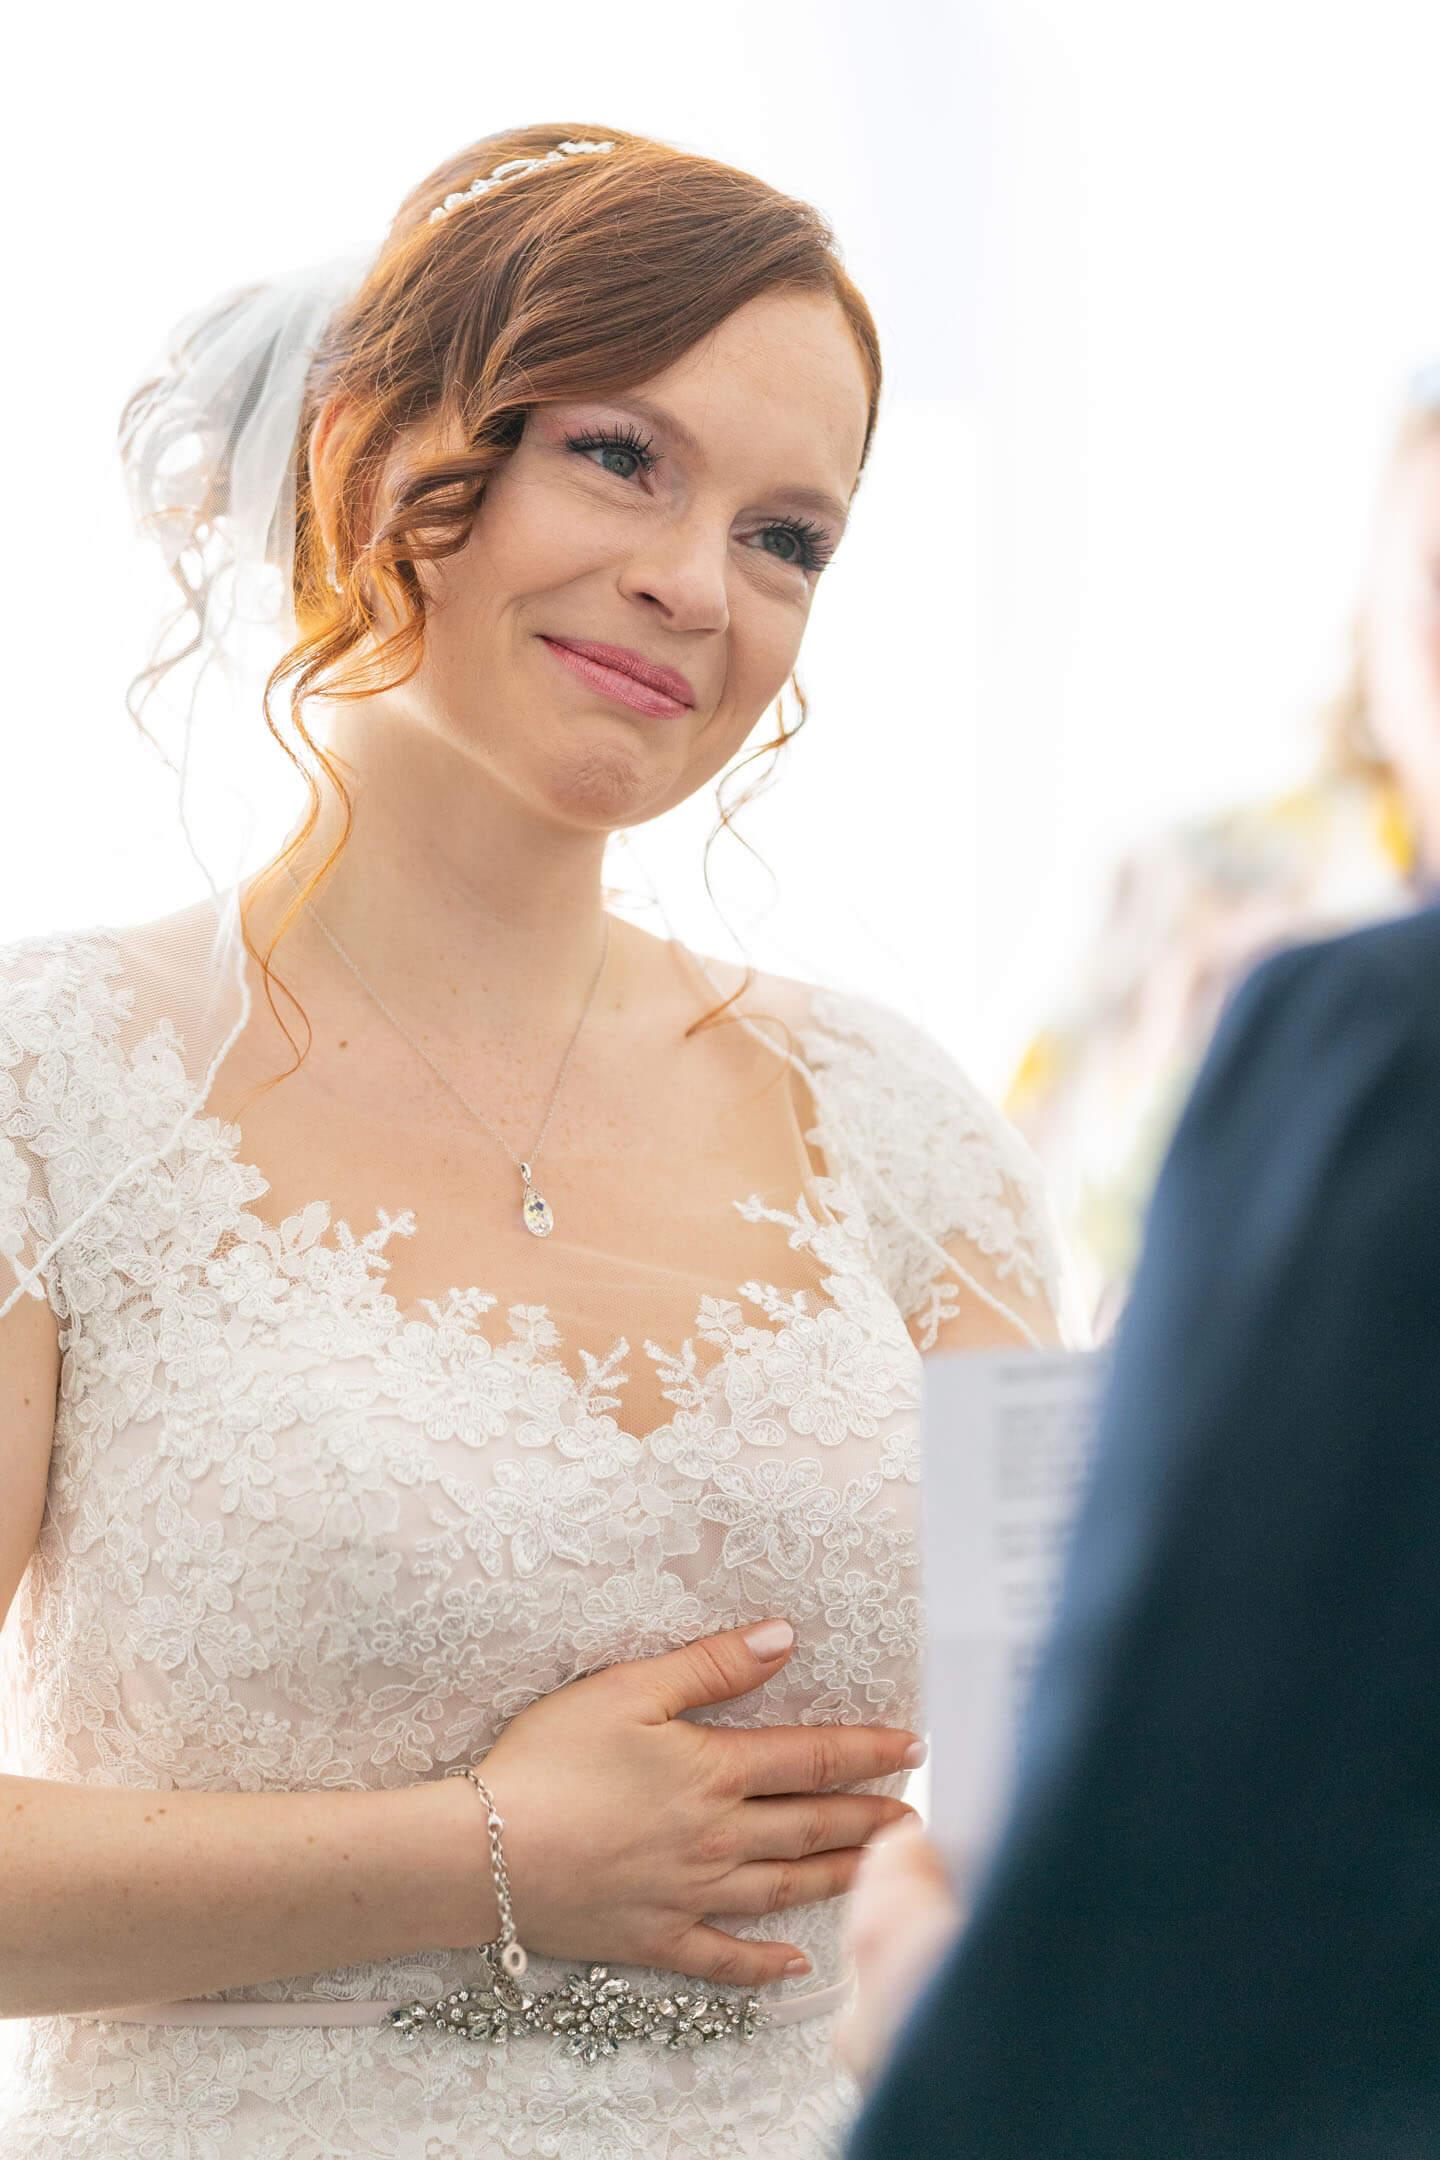 Braut blickt Bräutigam bei der standesamtlichen Trauung an.